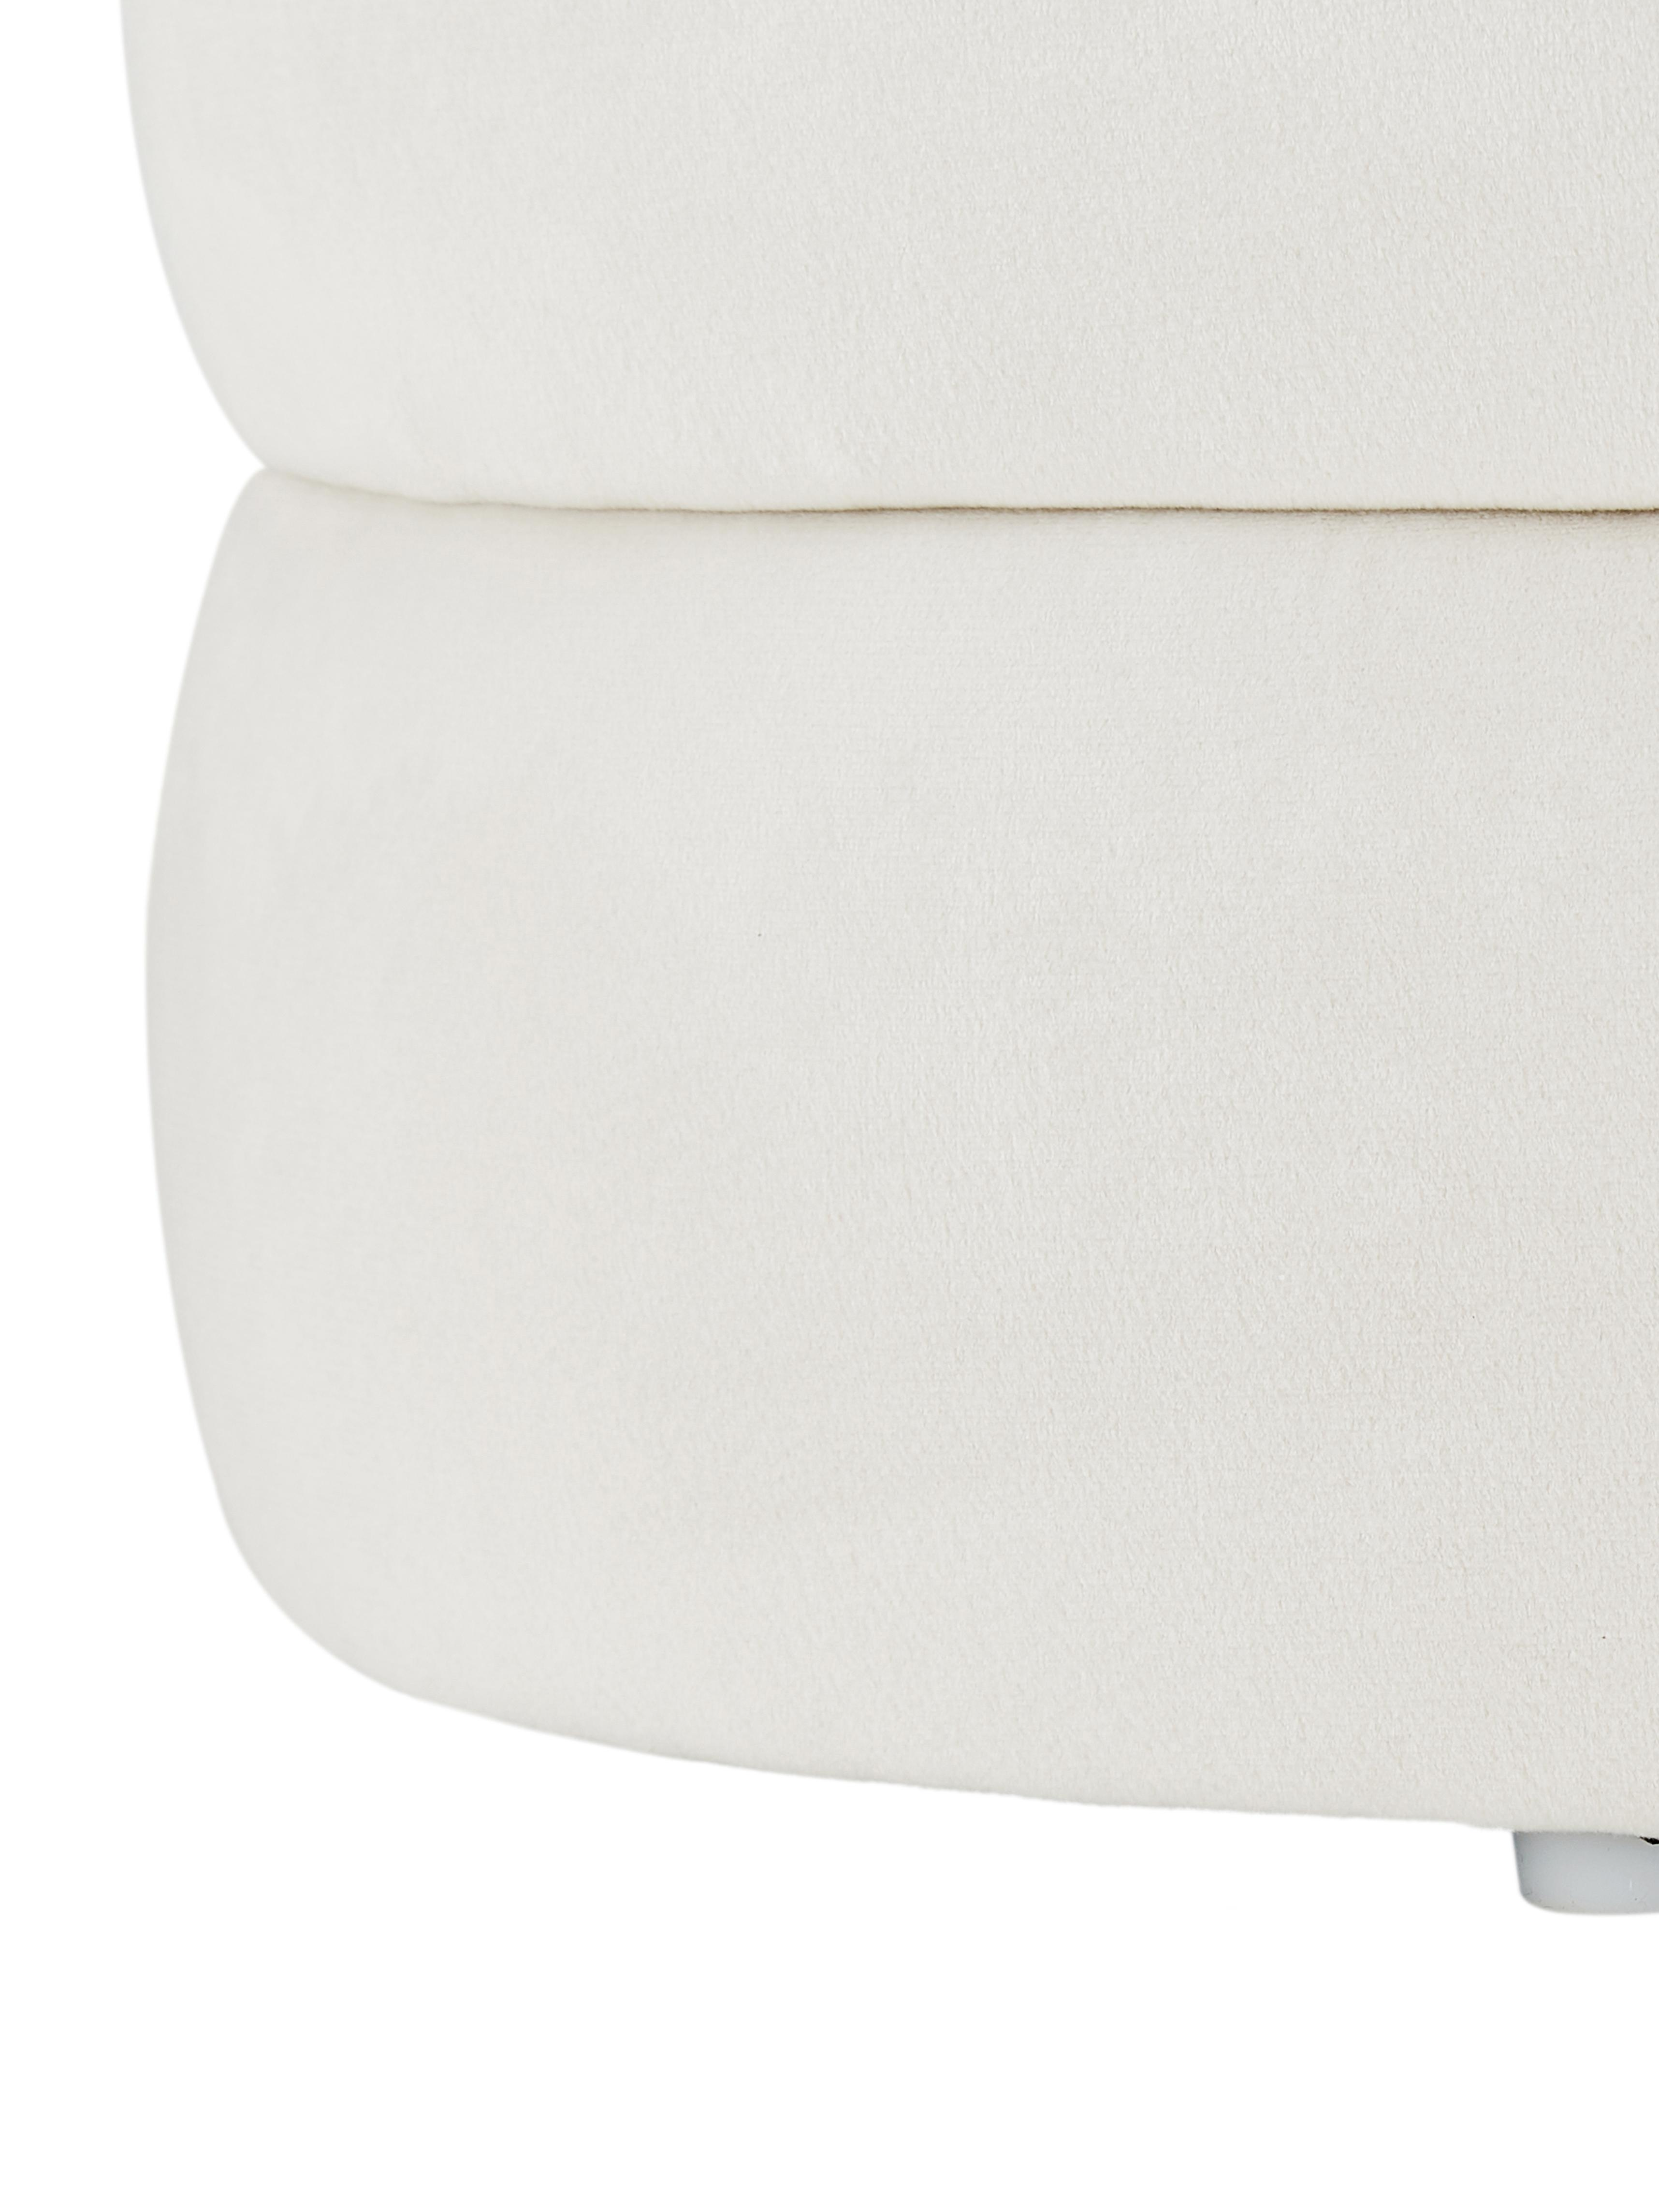 Sgabello in velluto Alto, Rivestimento: velluto (poliestere) 30.0, Struttura: legno di pino massiccio, , Velluto bianco crema, Ø 42 x Alt. 47 cm